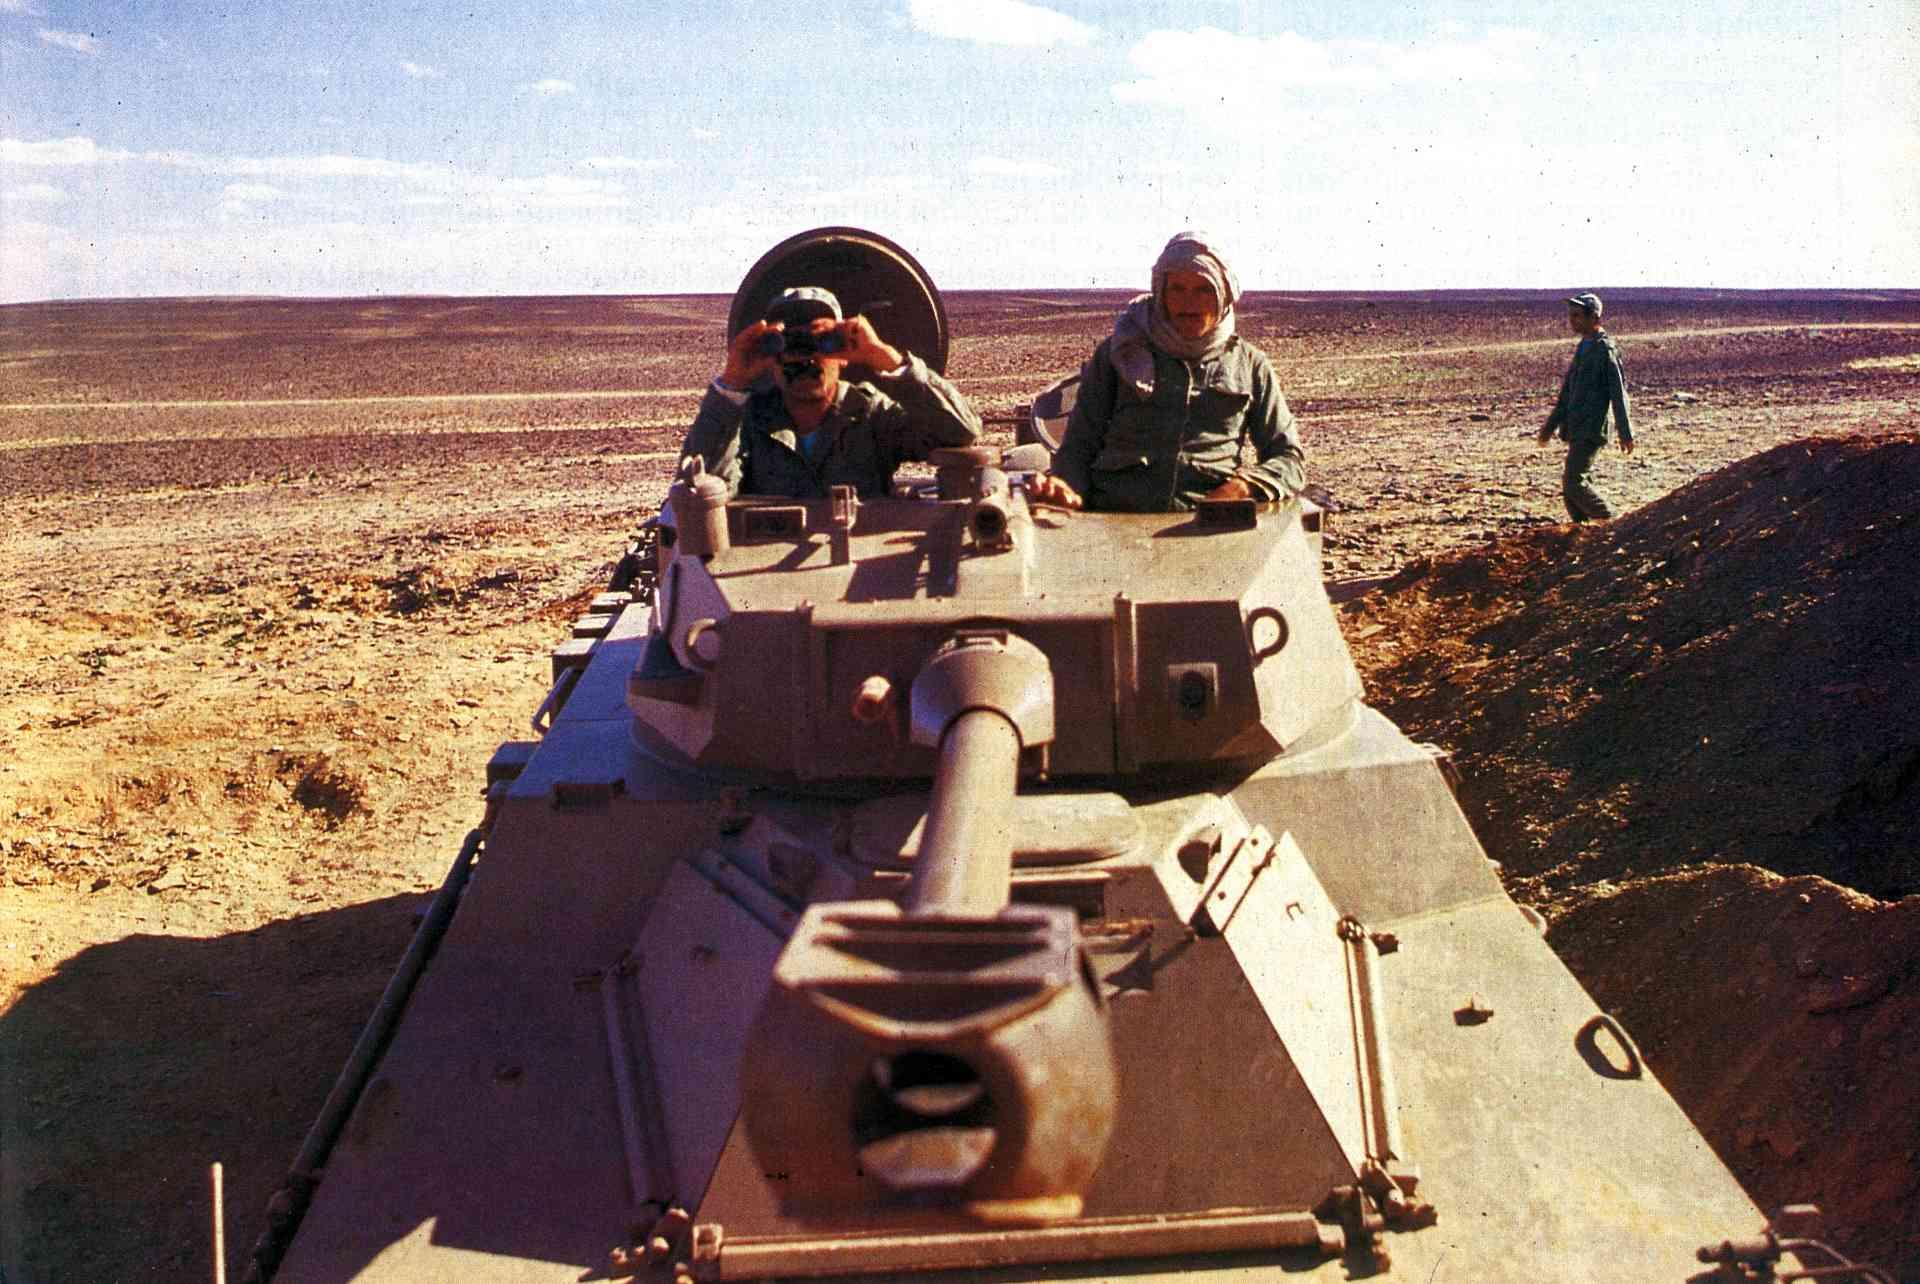 Le conflit armé du sahara marocain - Page 10 Clipbo15